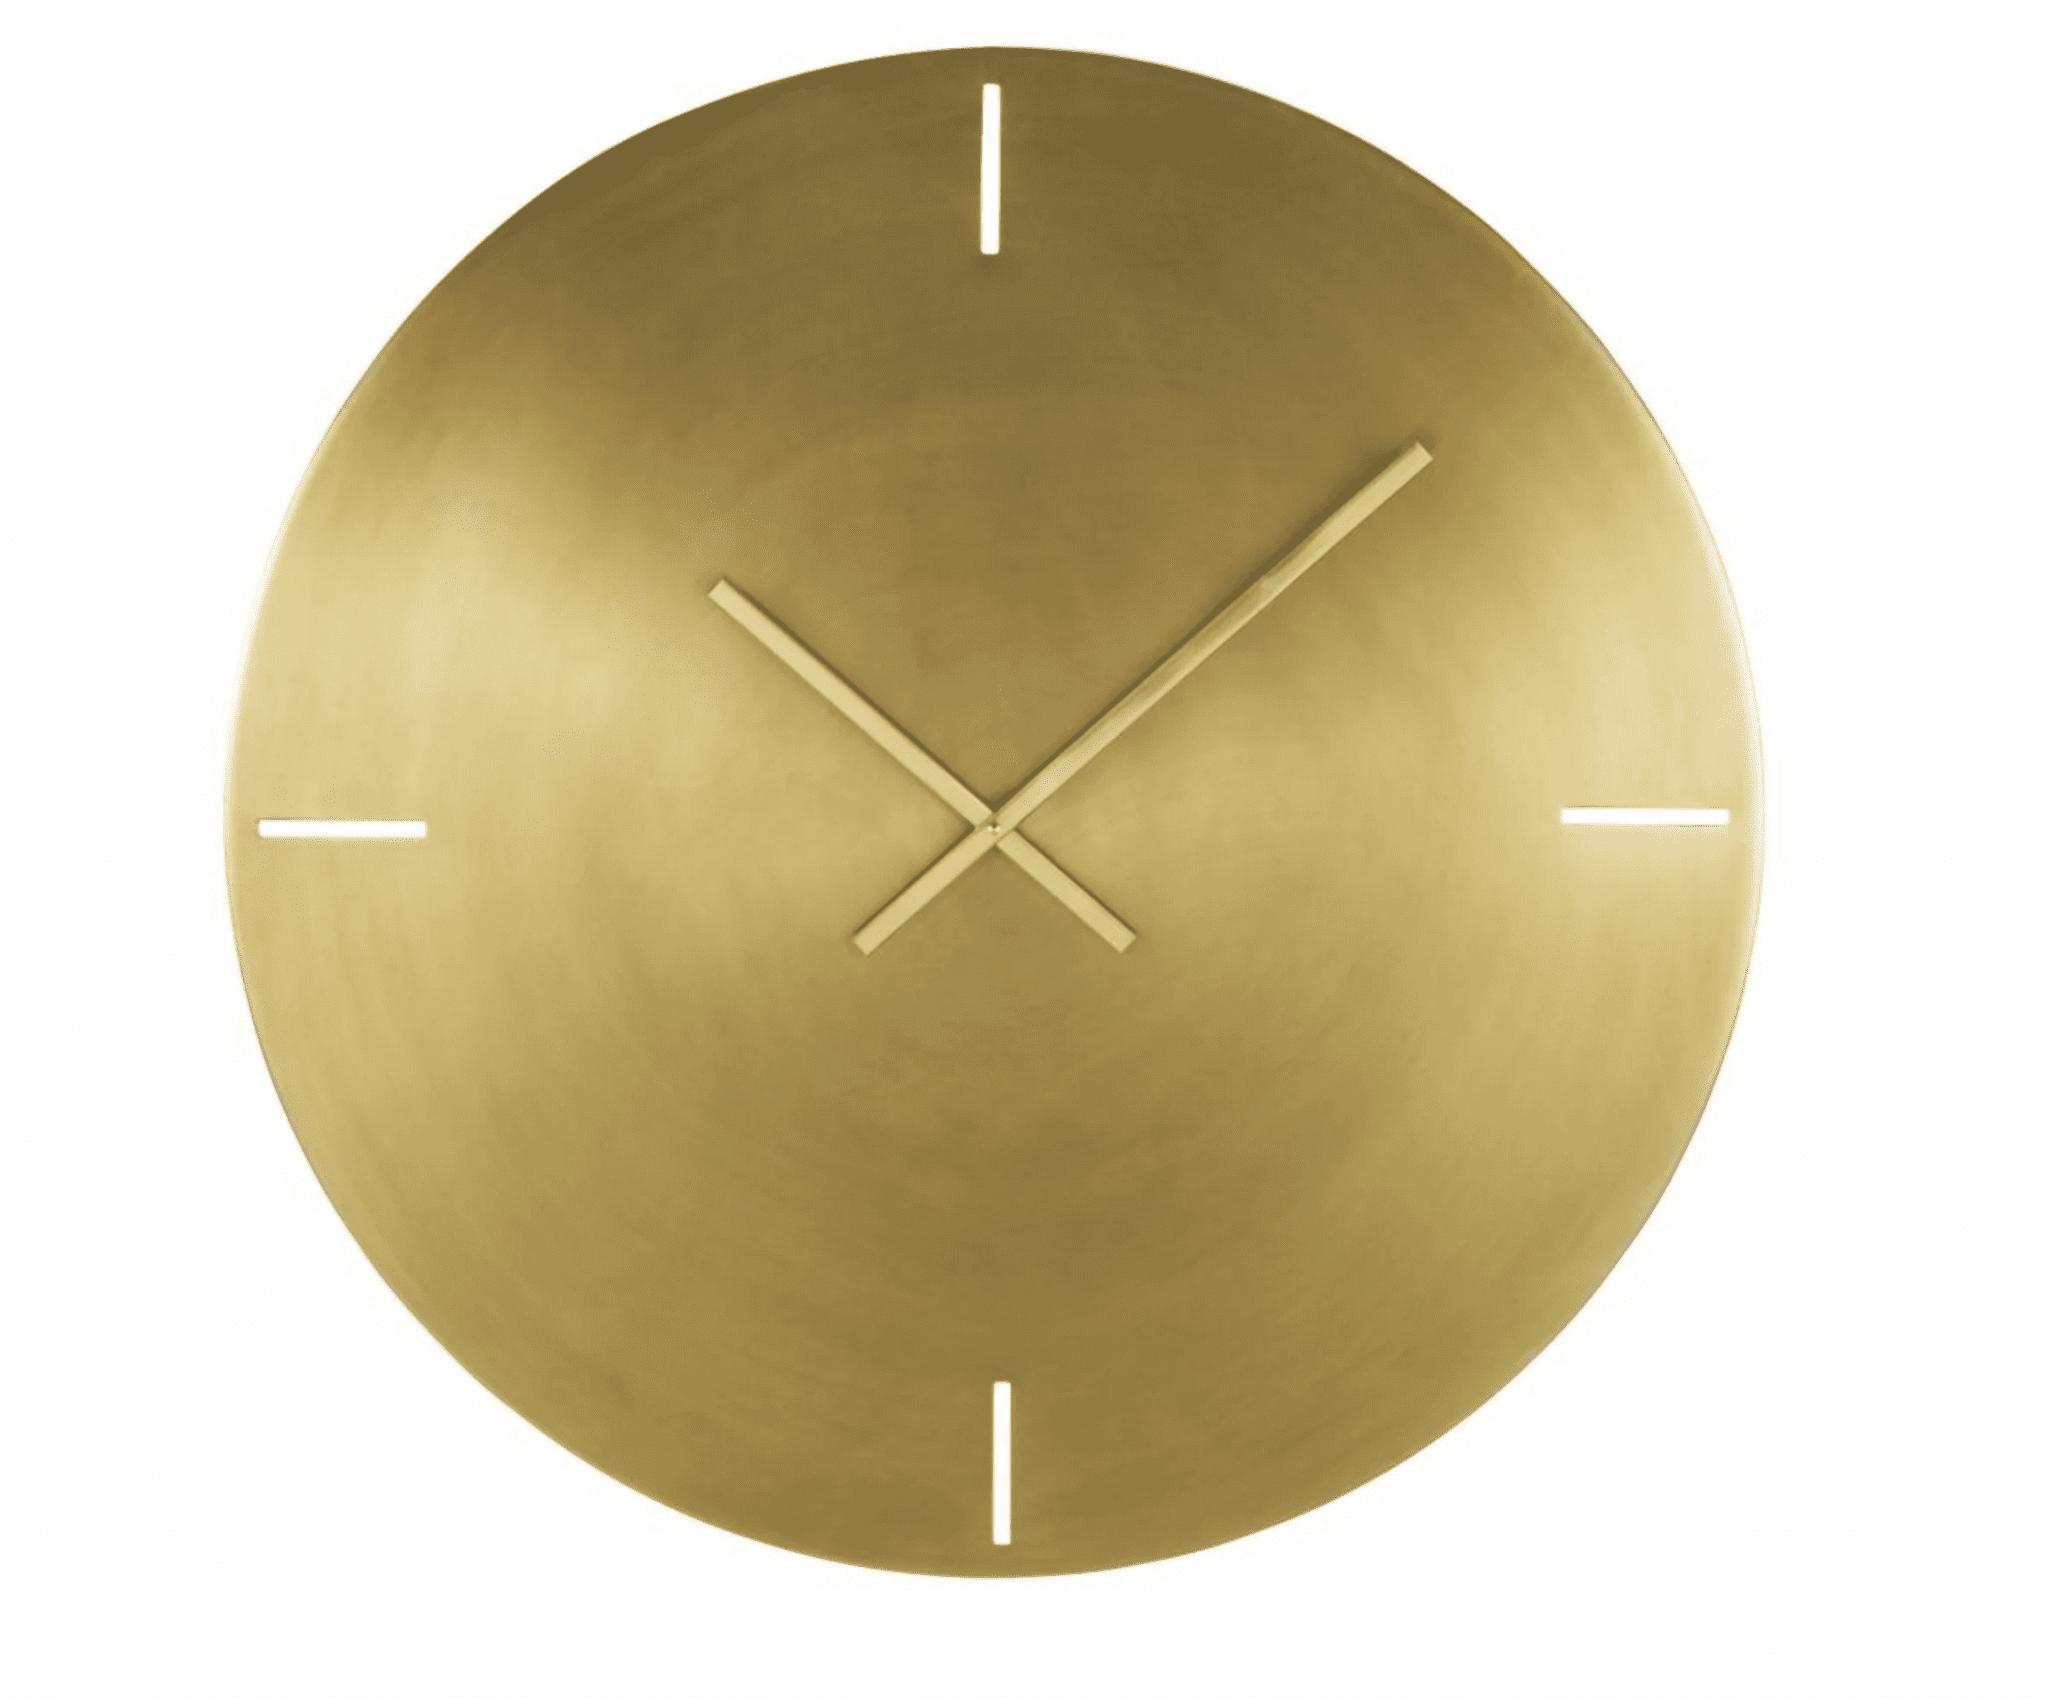 horloge gold